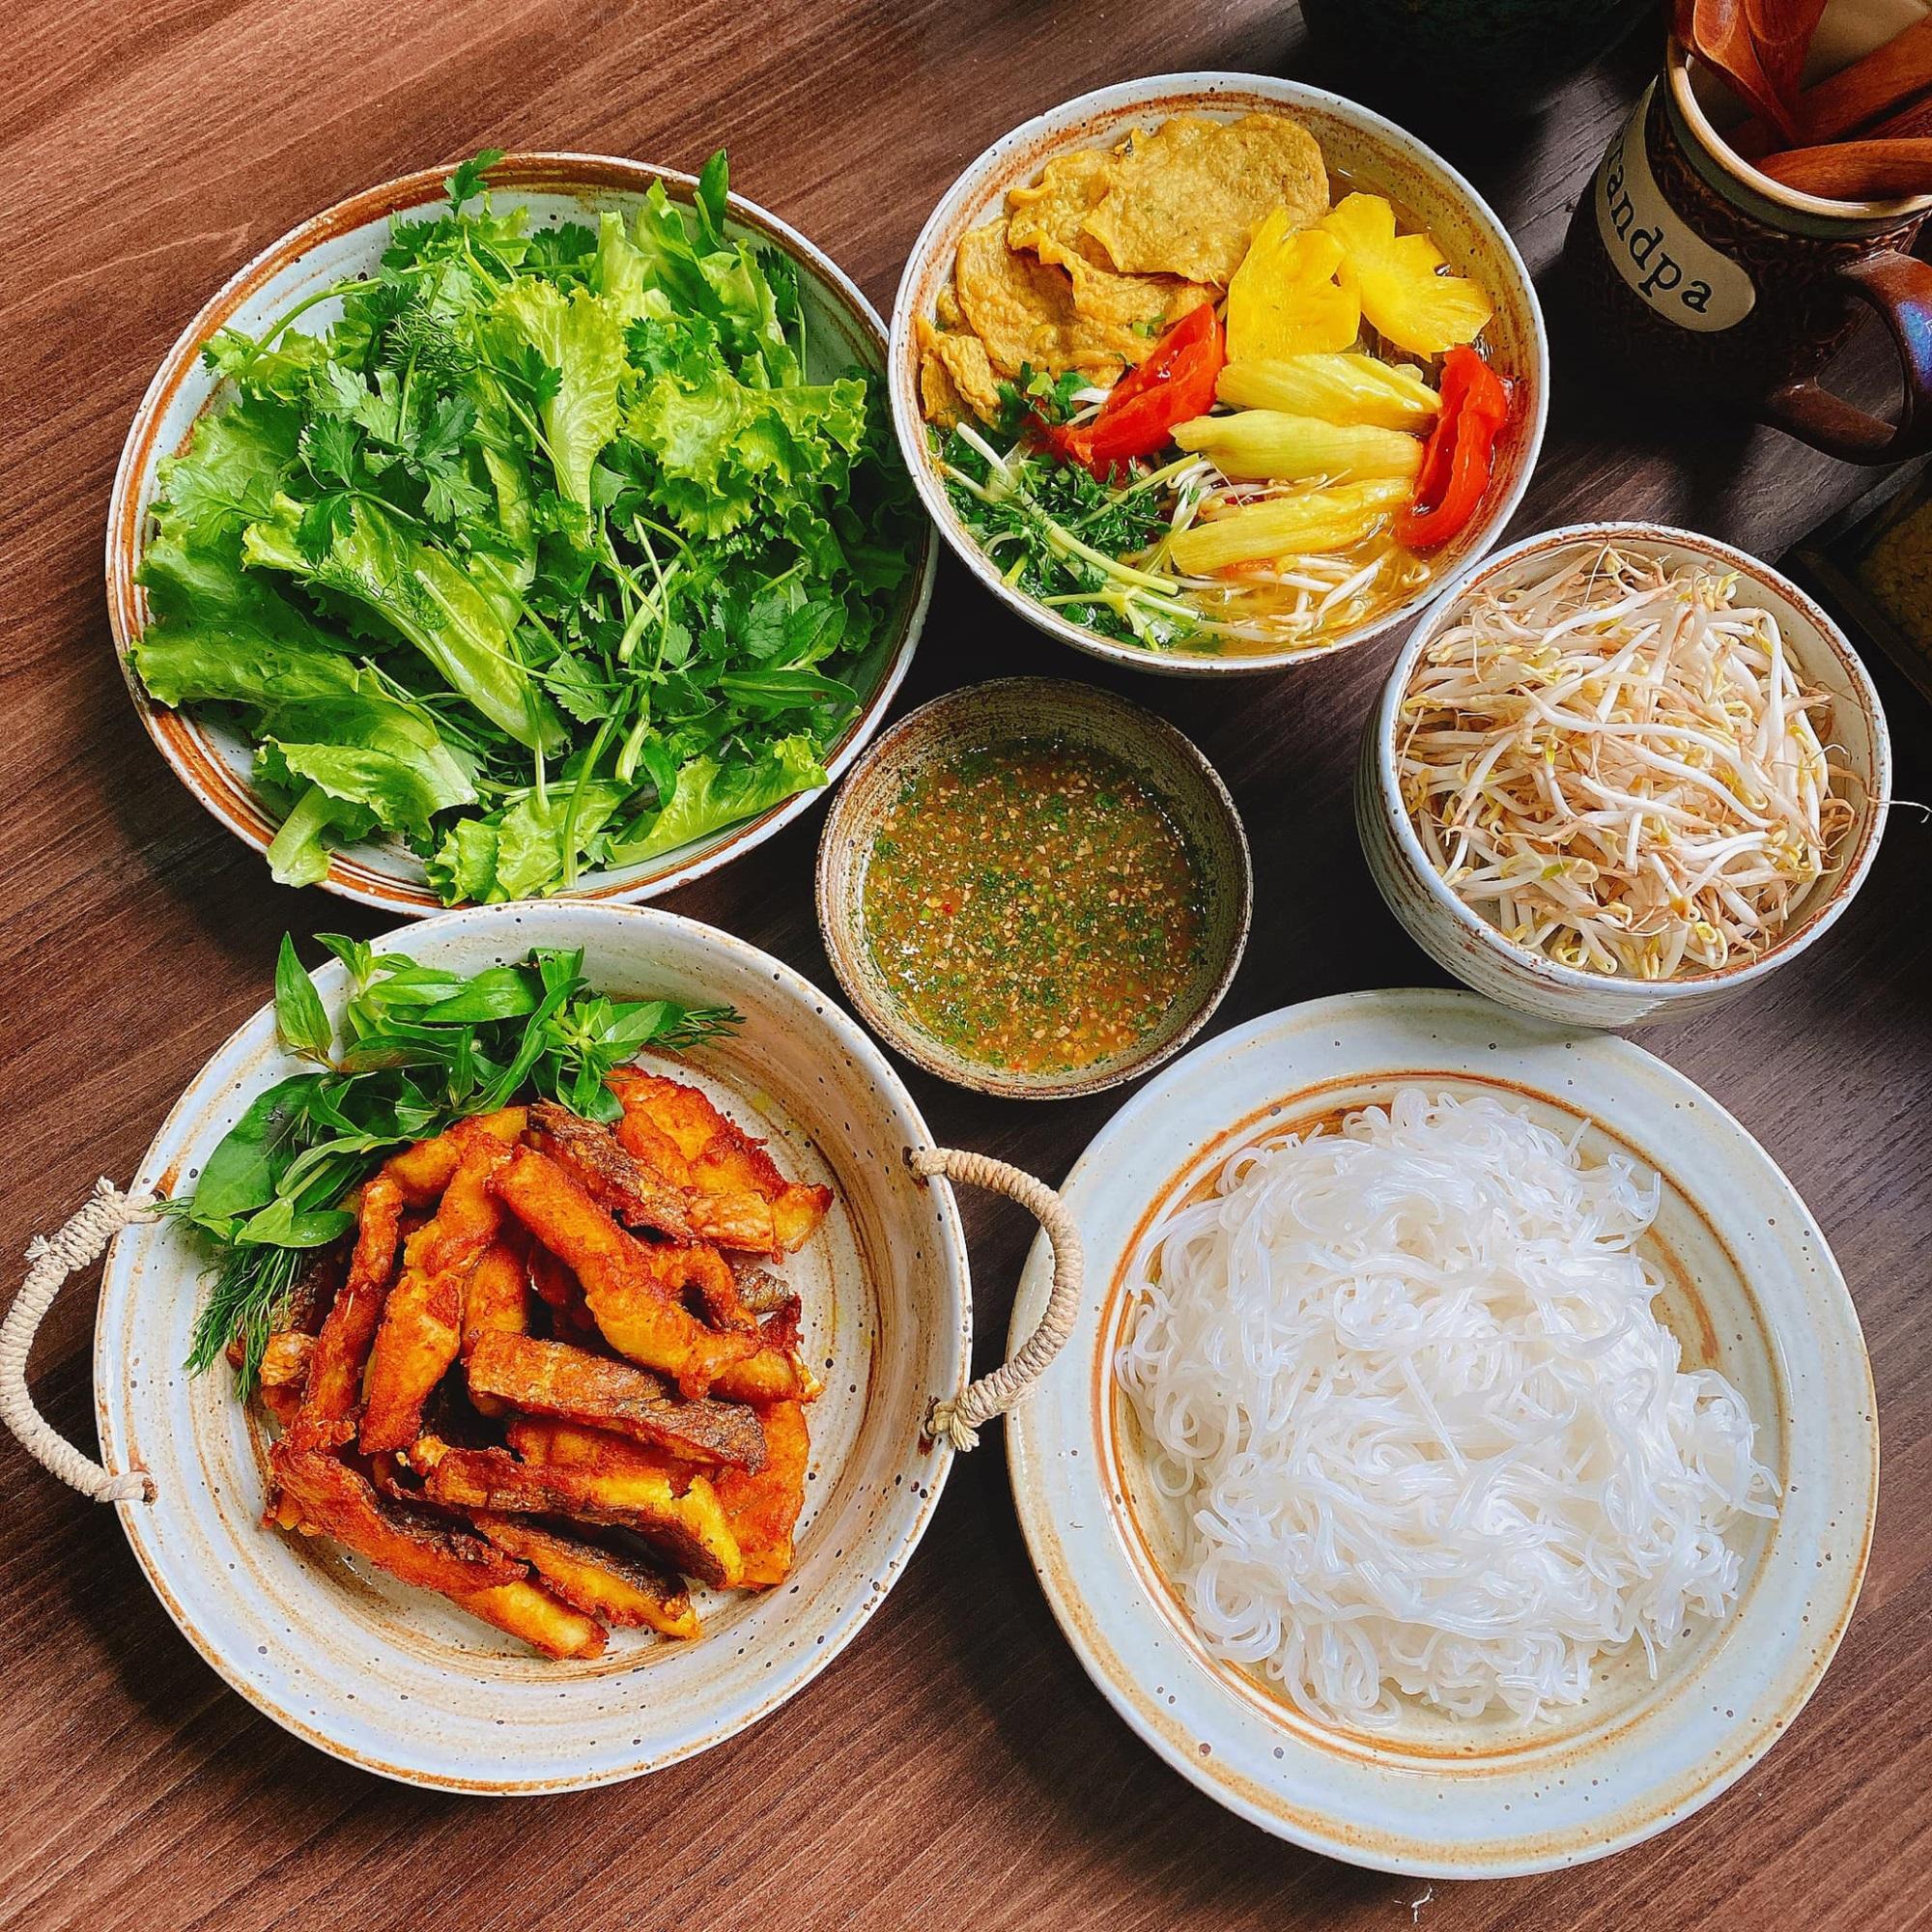 15 thực đơn ăn sáng ngon-bổ-rẻ cho cả gia đình trong những ngày giãn cách, chị em vào bếp trổ tài cả nhà mê tít - Ảnh 14